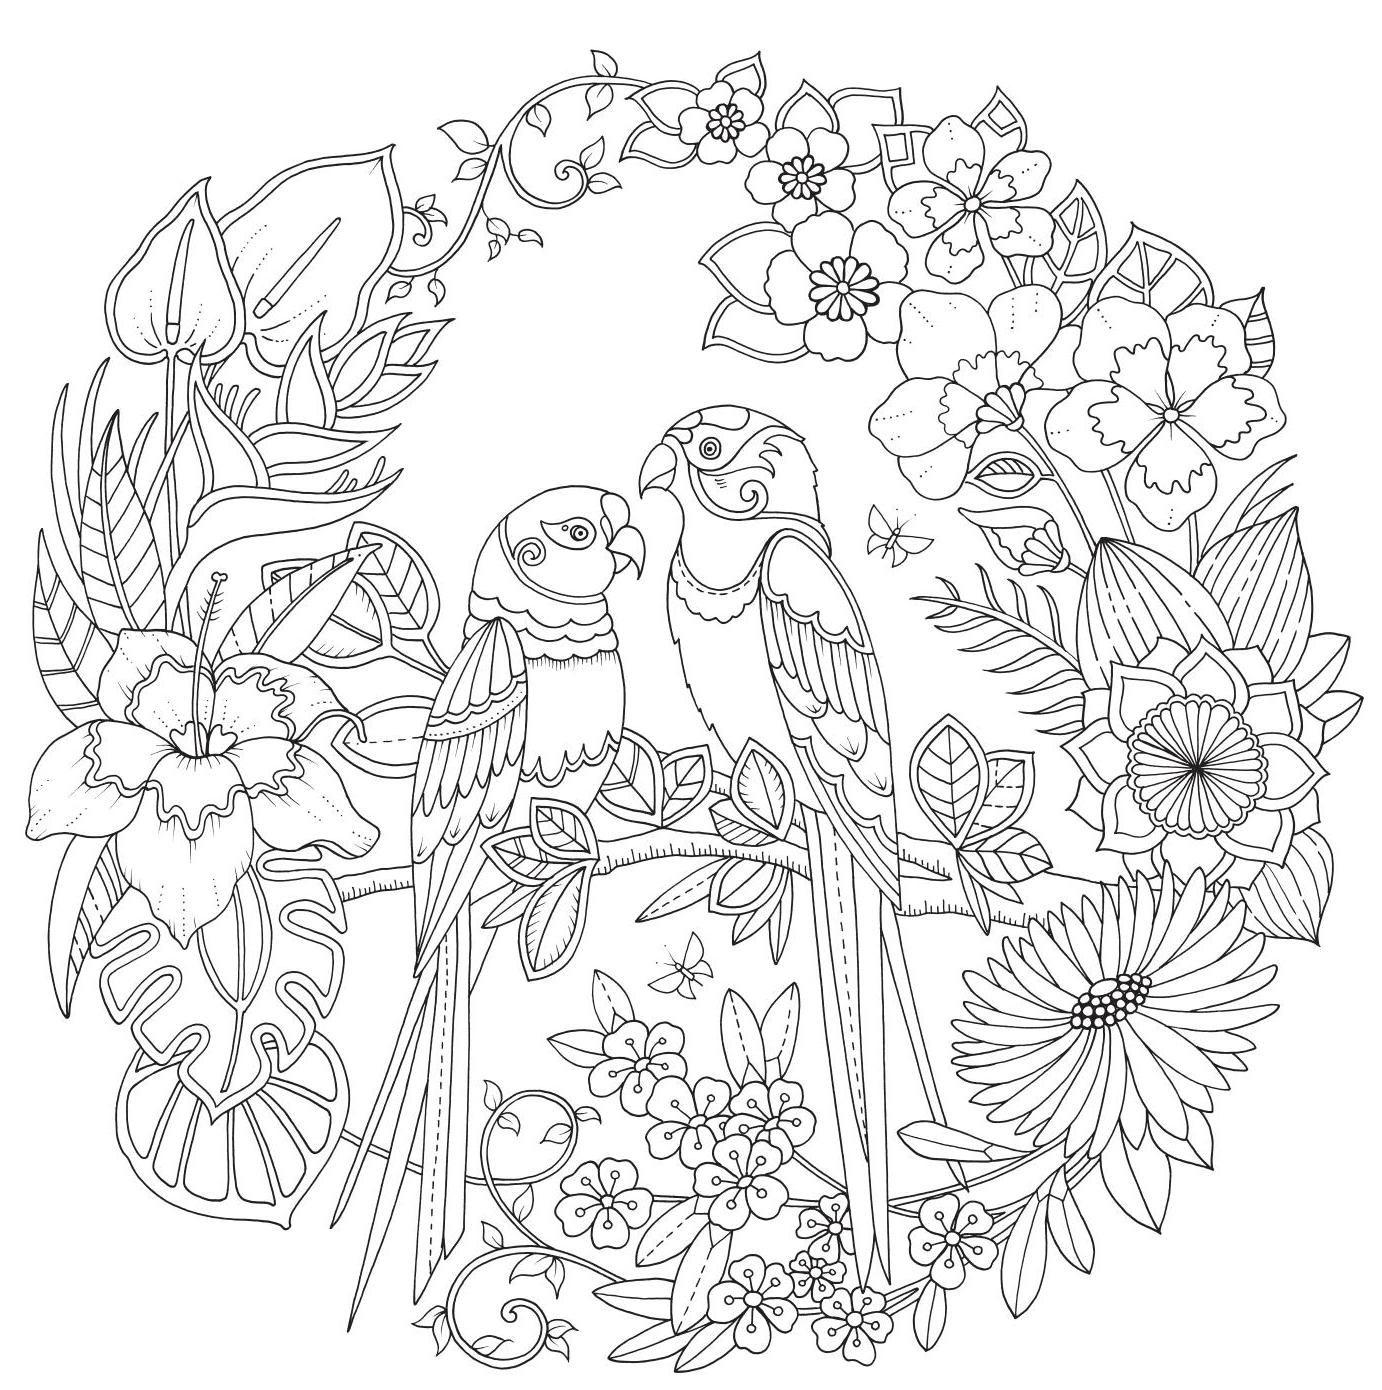 De Magie Van De Jungle Johanna Basford Kleurplaten Mandala Kleurplaten Bloem Kleurplaten